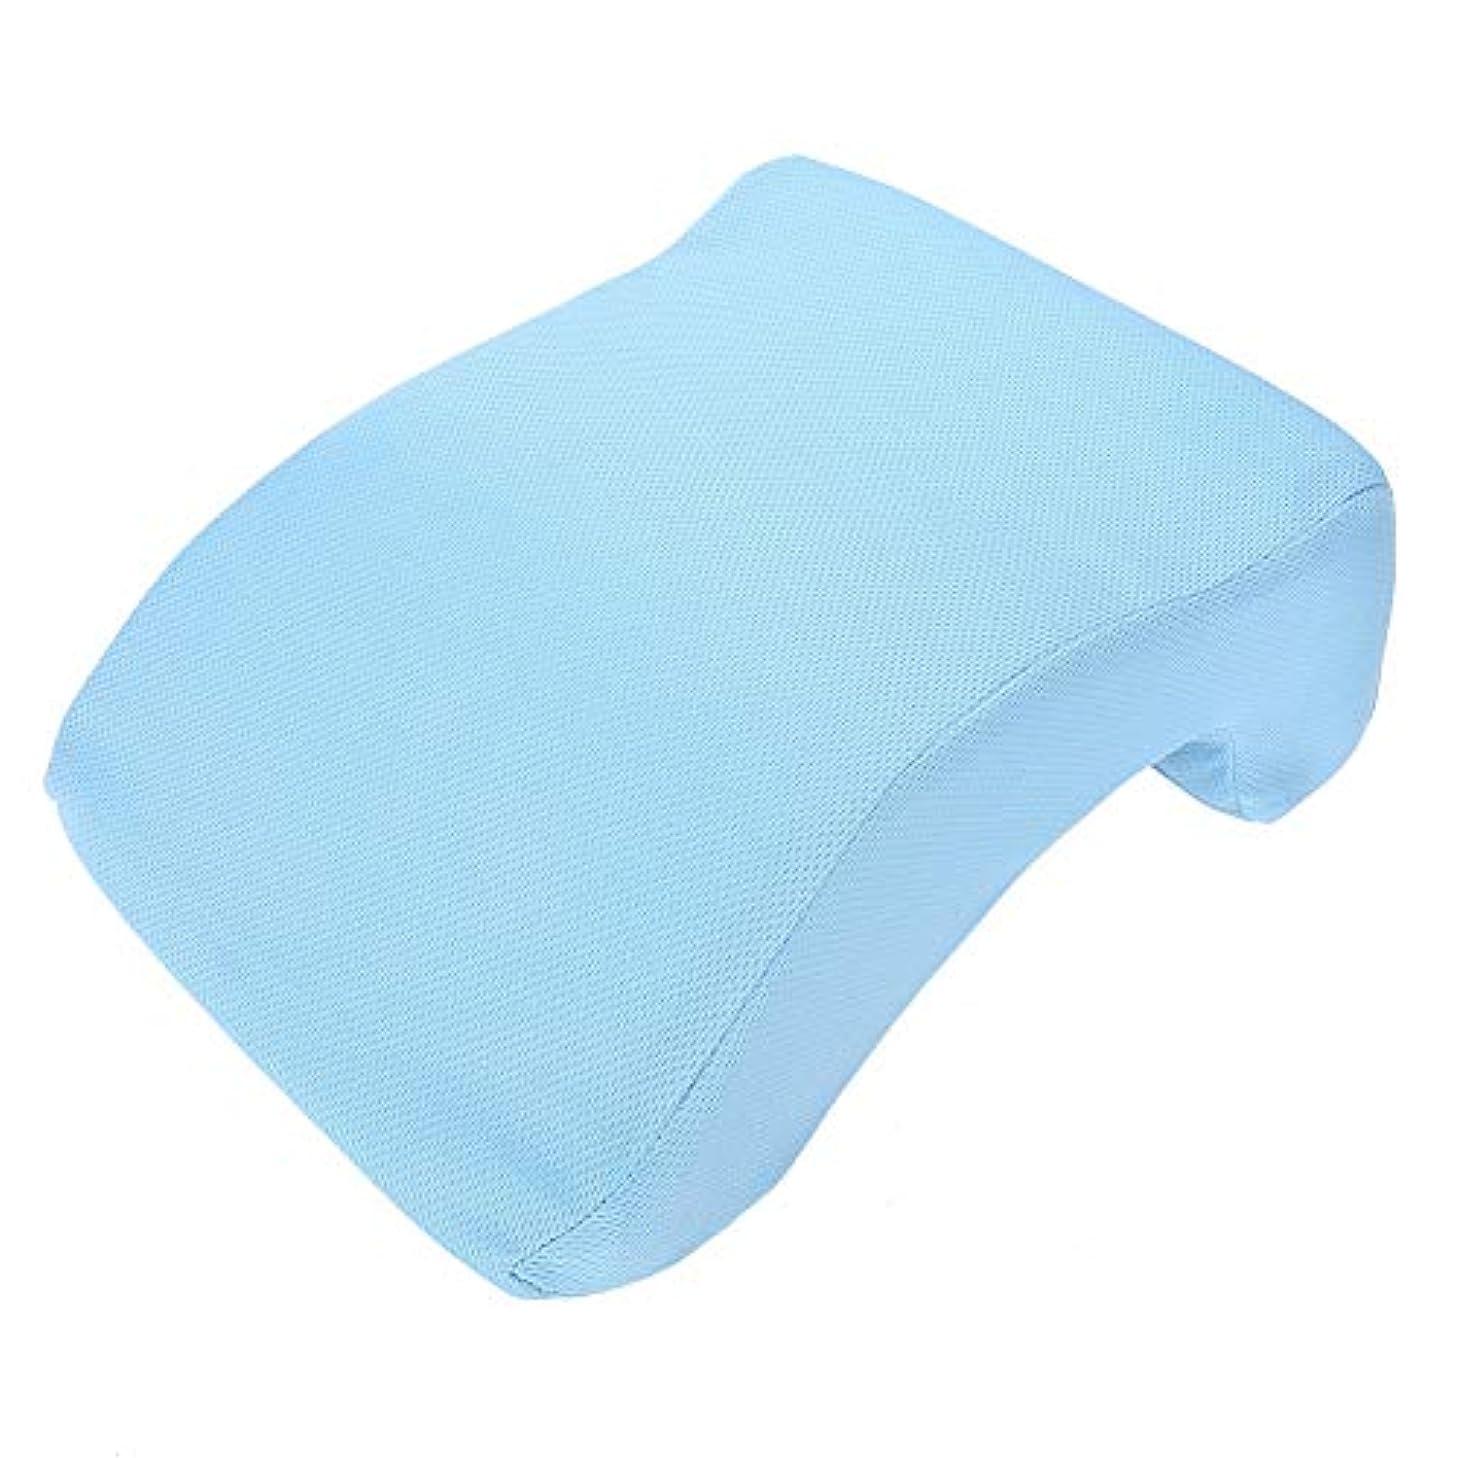 オプショナル飽和するグリーンランド低反発まくら ピロー マッサージ枕 首?頭?肩をやさしく支える 安眠枕 快眠グッズ 柔らかい 洗えるやすい